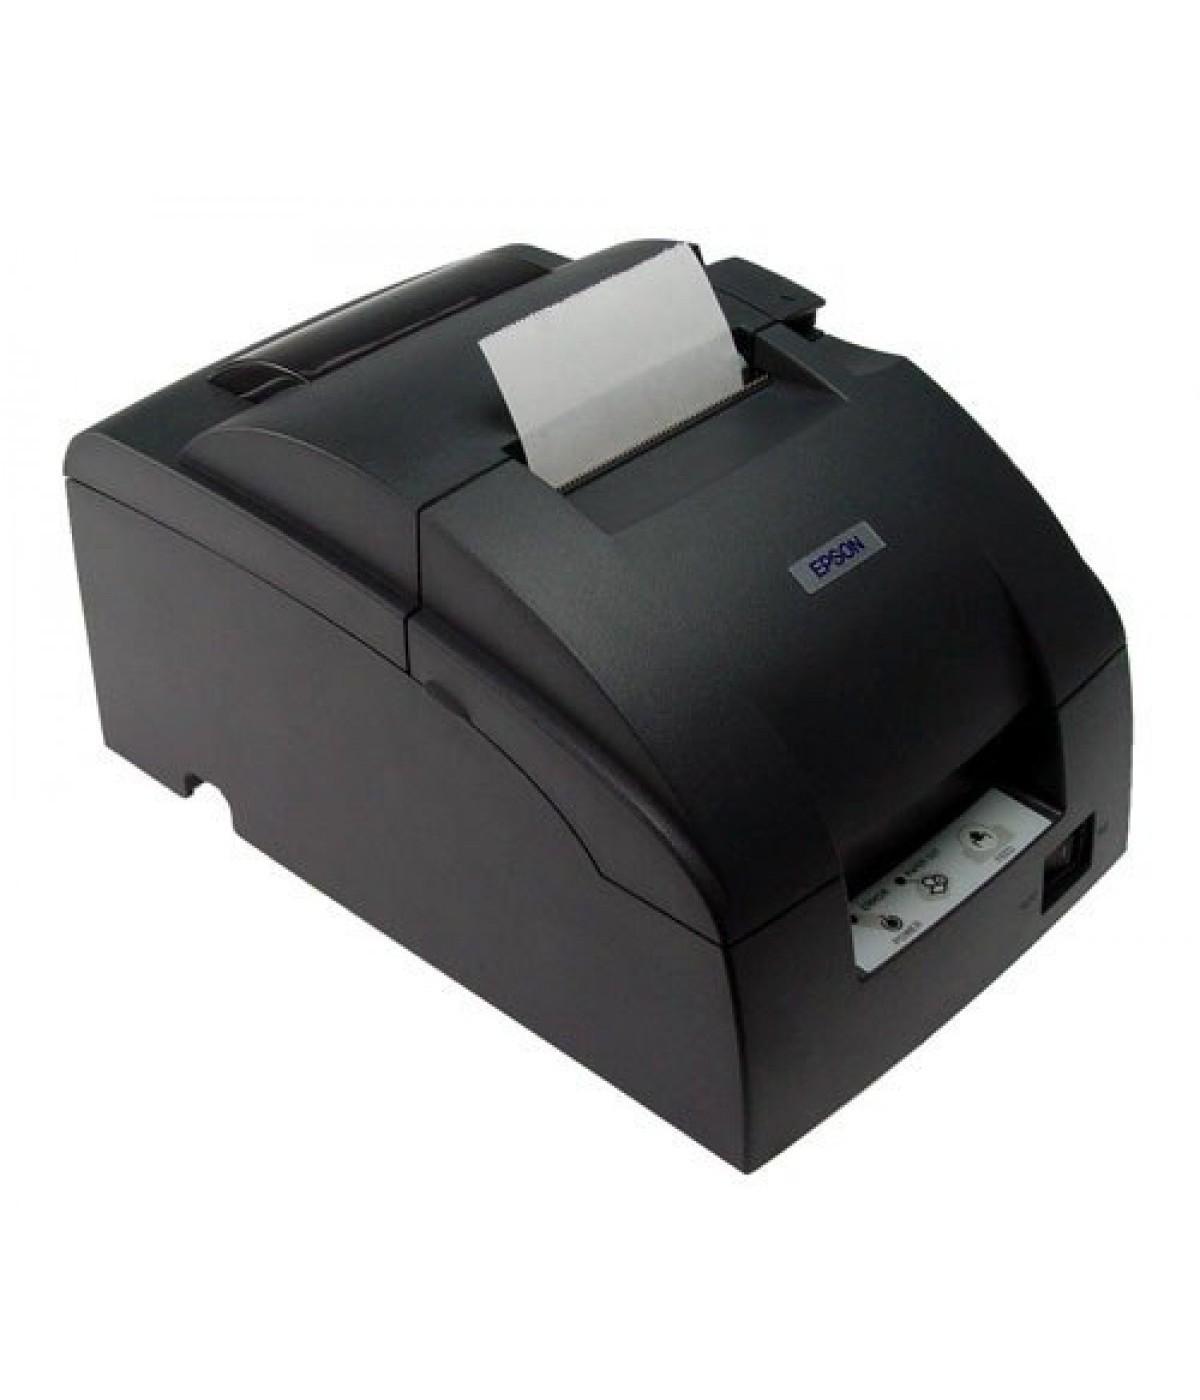 impresora-epson-pos-tm-u220d-punto-de-venta-matriz-de-punto-usb-c31c515806 (1)